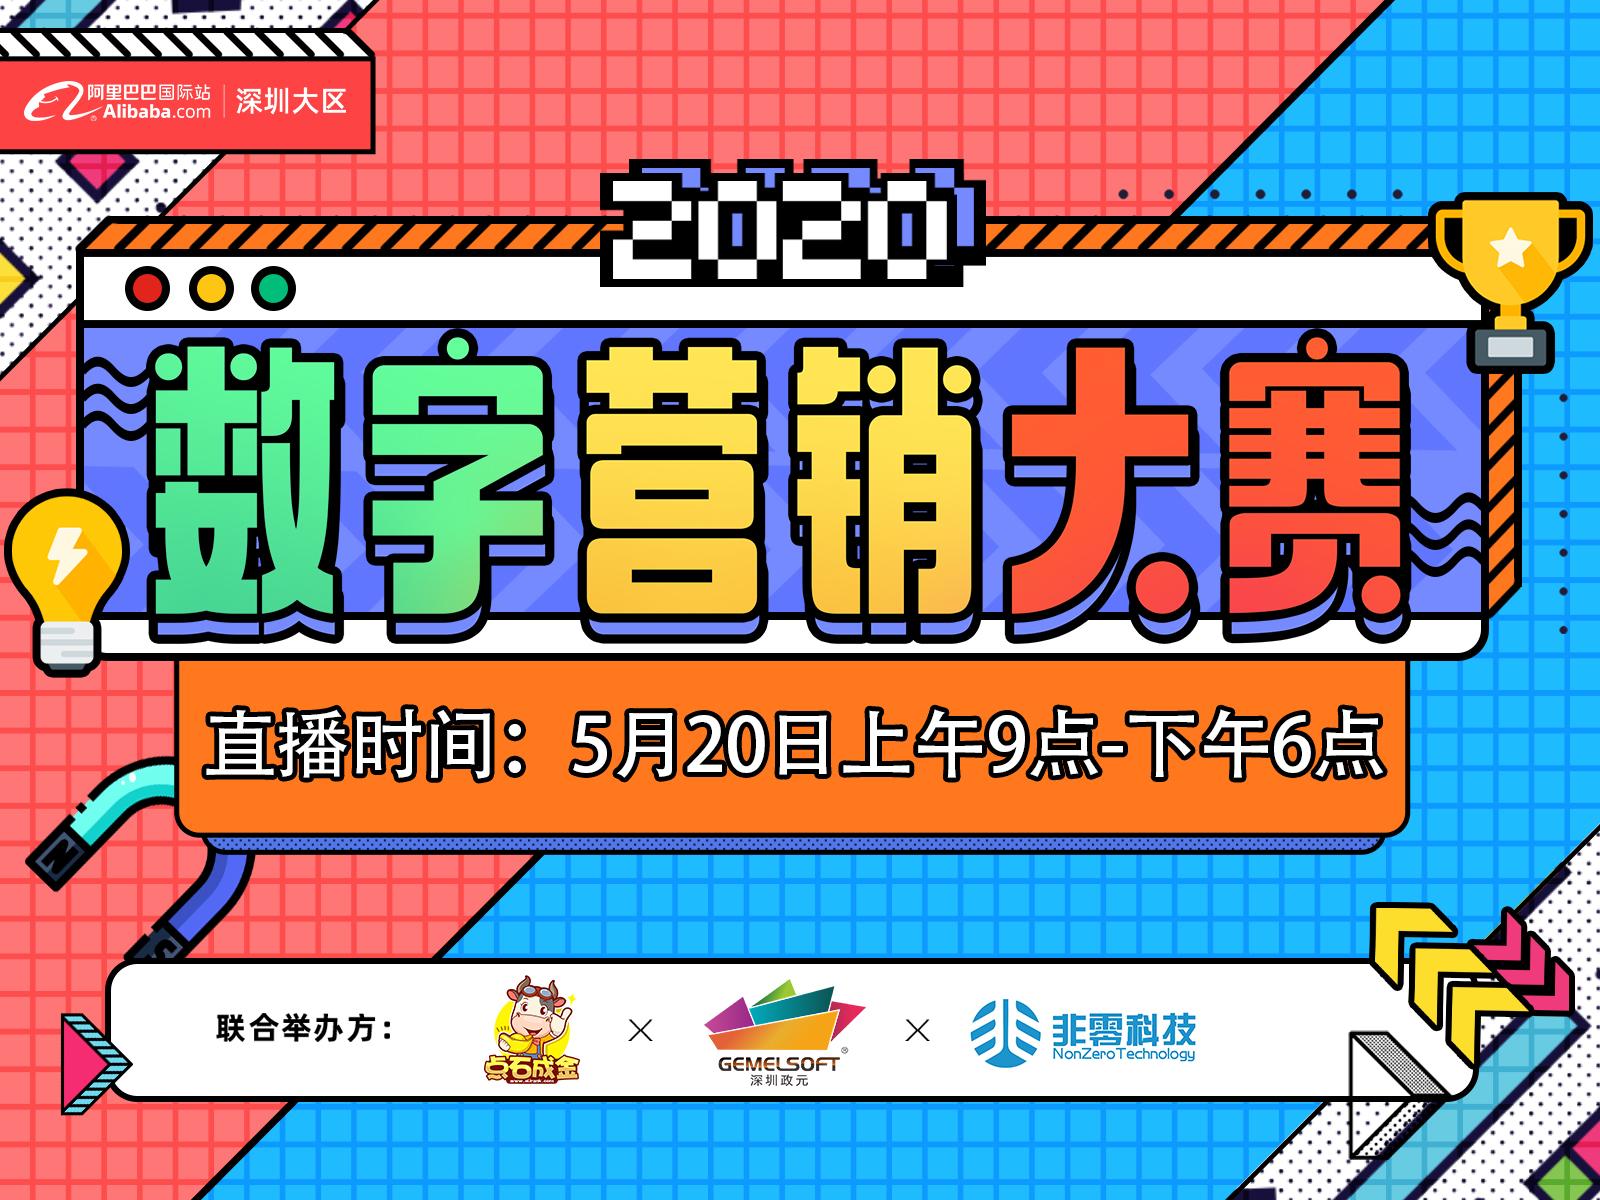 阿里巴巴国际站深圳大区《数字营销大赛》深圳区域决赛